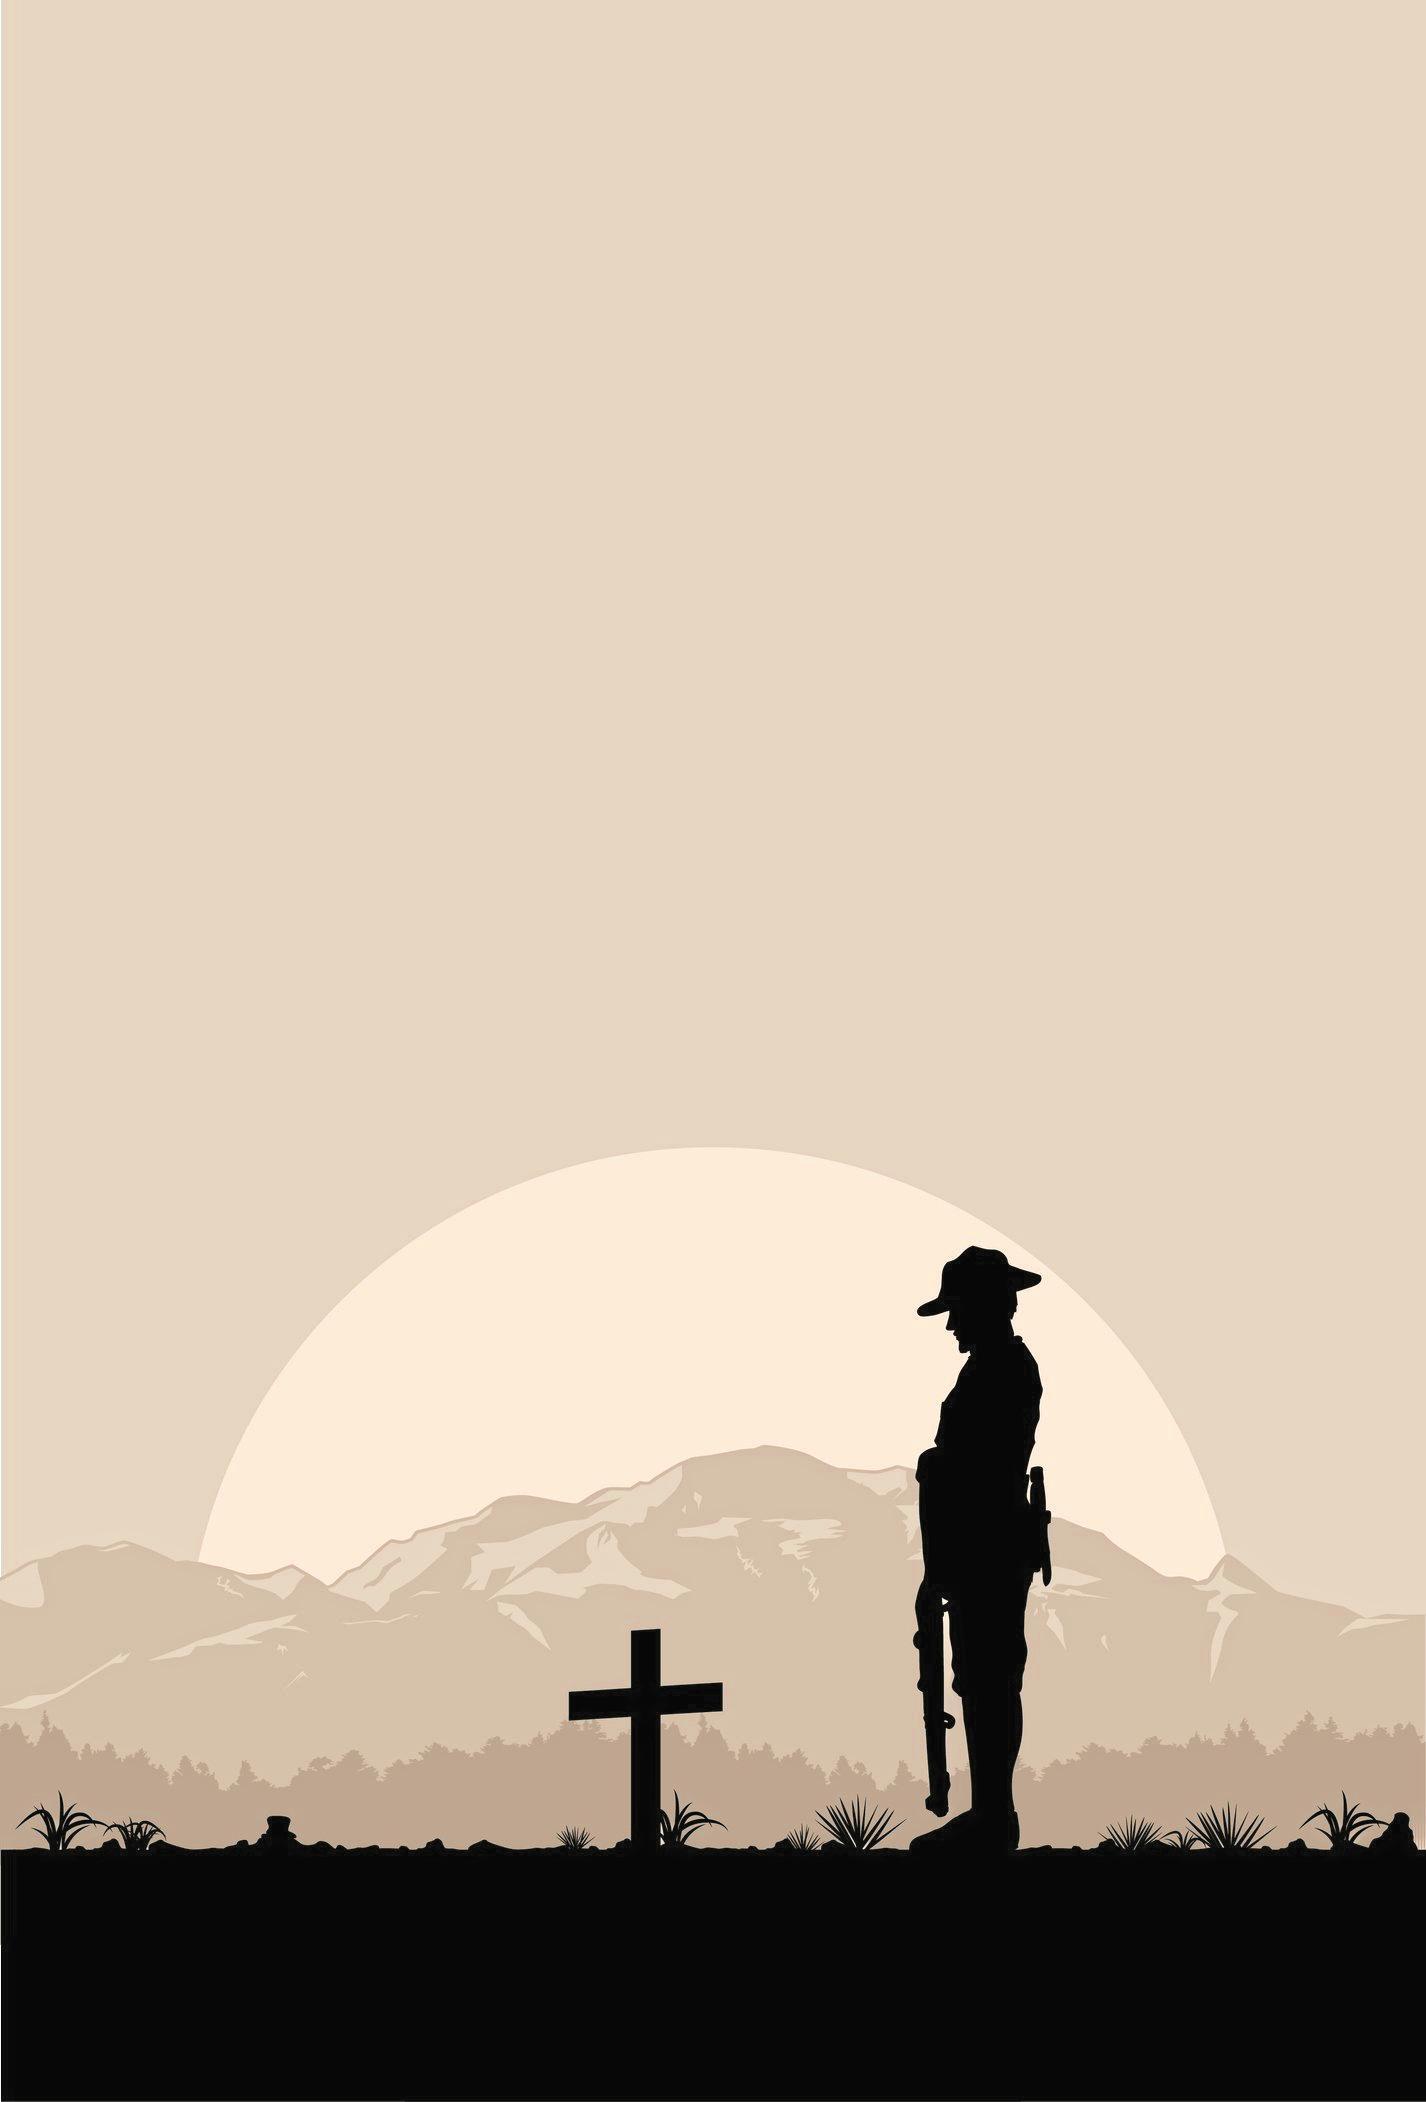 Solemn ceremonies honour sacrifices made at war.